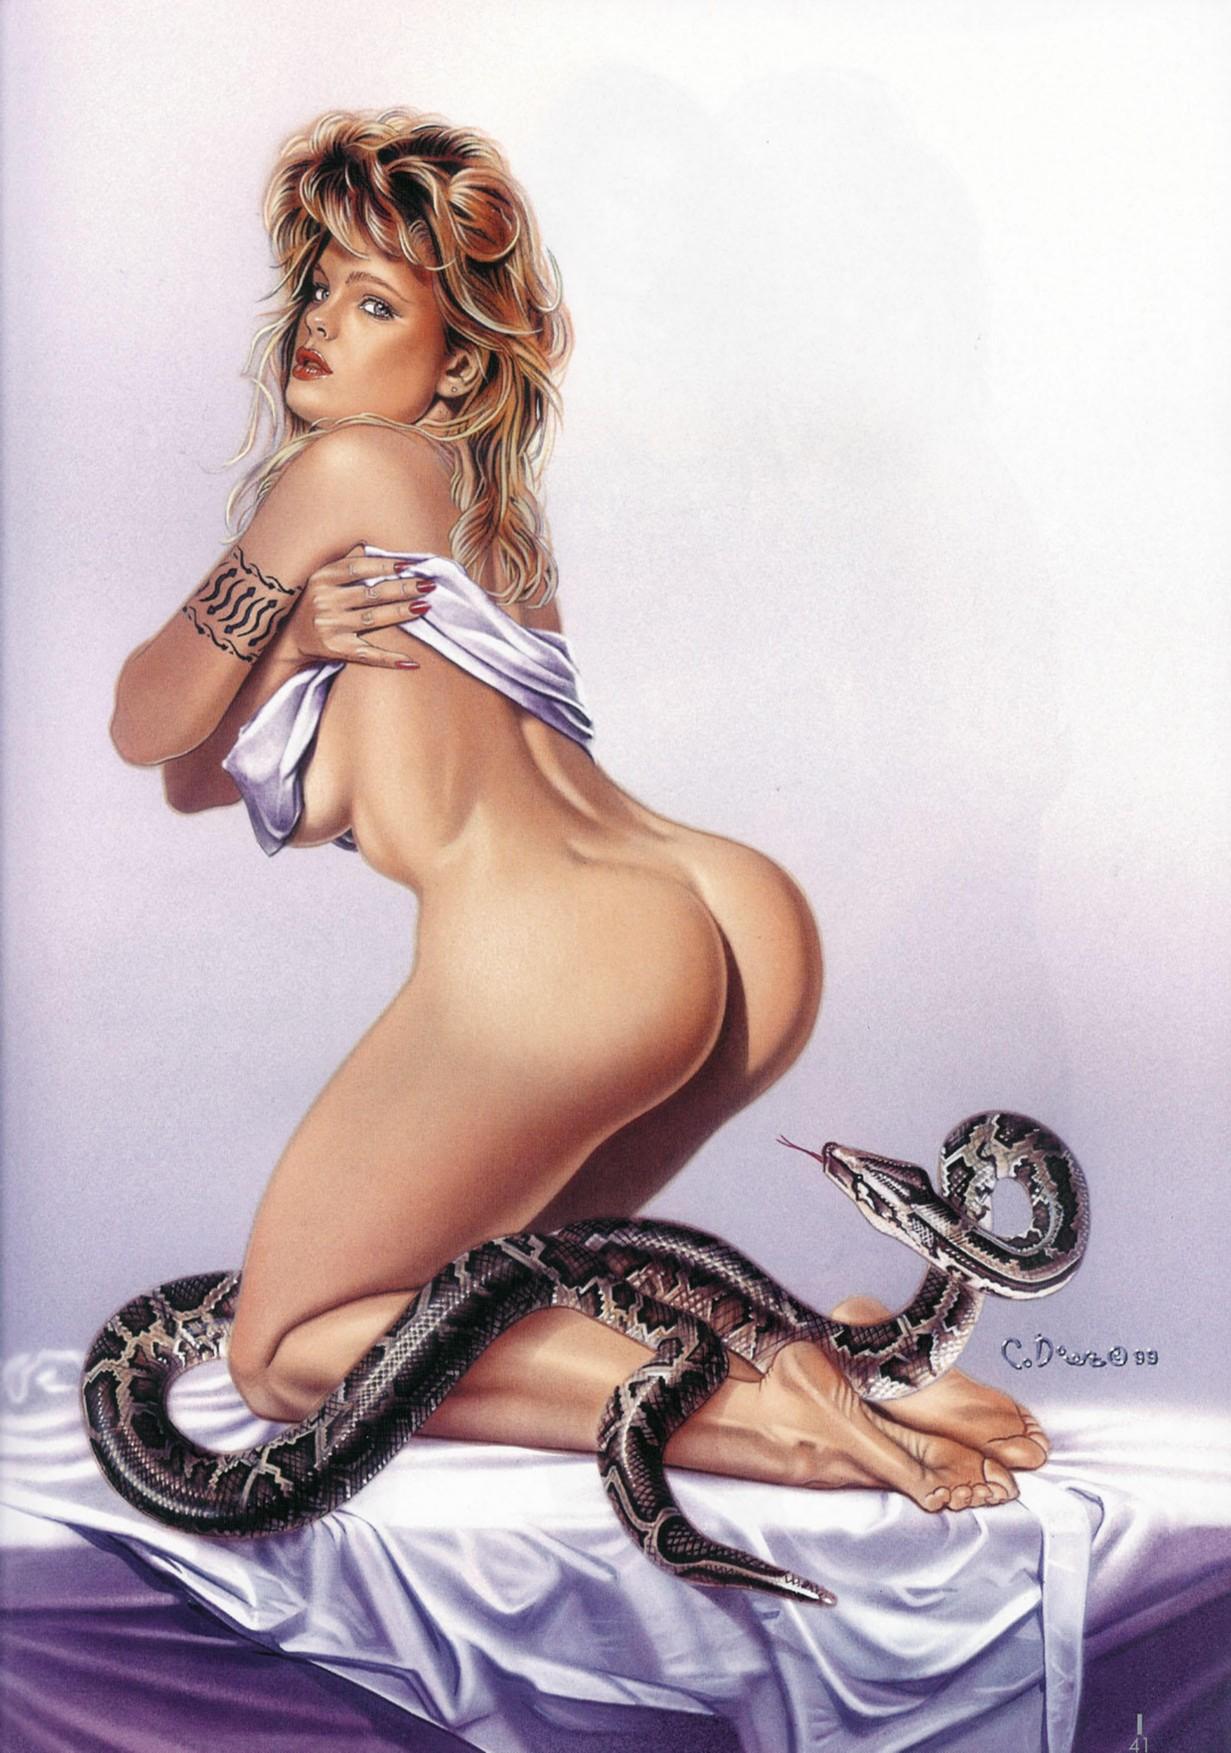 Рисованные картинки девушек фэнтези порно 20 фотография